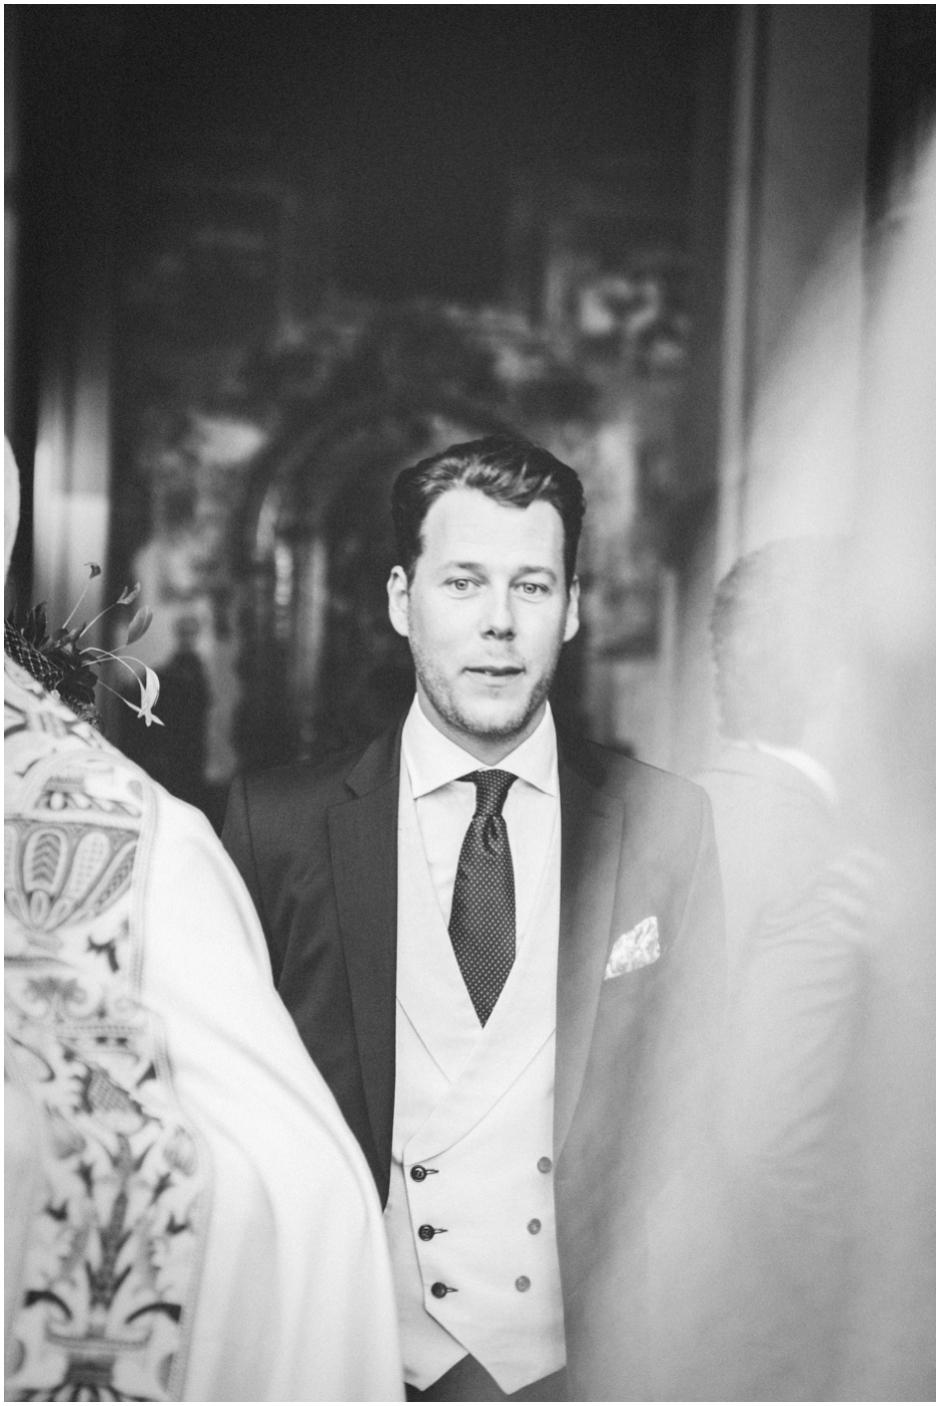 fotografo-de-bodas-sevilla-valencia-mallorca-jose-caballero-bodafilms16.jpg